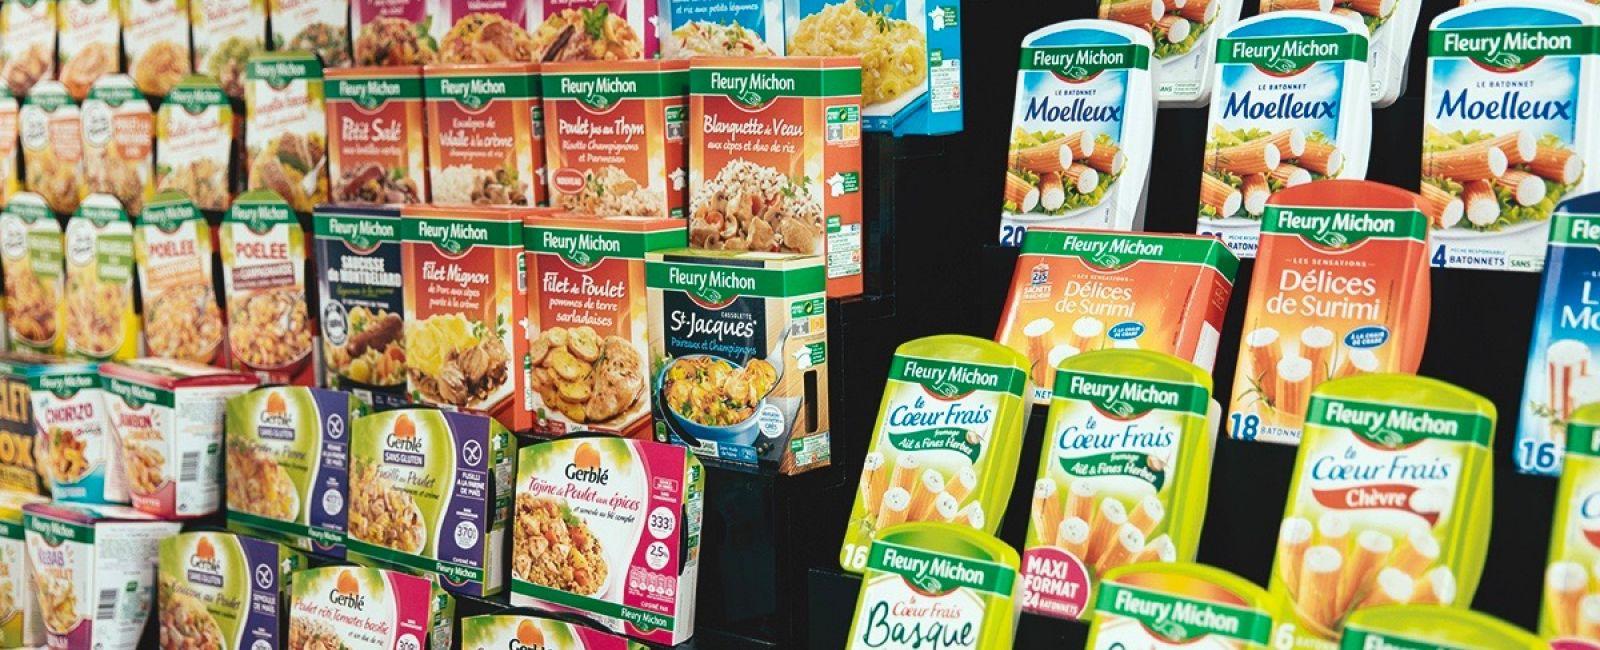 activités groupe fleury michon traiteur mer charcuteries gms international services alimentaires